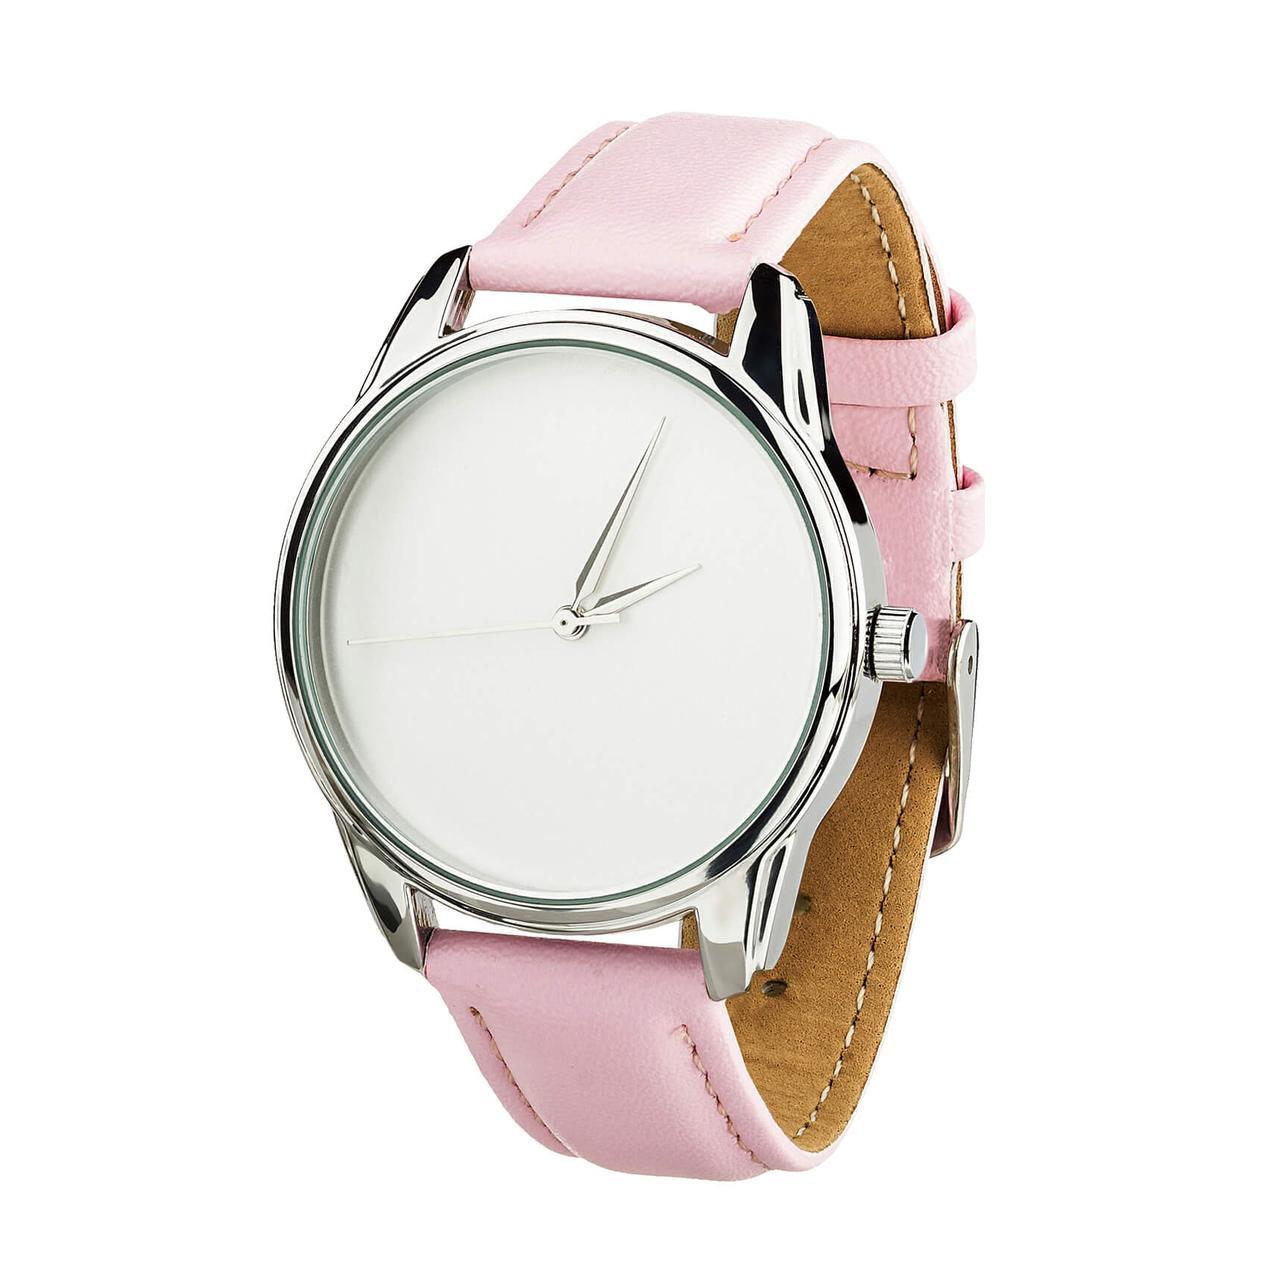 Часы ZIZ Минимализм (ремешок пудрово - розовый, серебро) + дополнительный ремешок